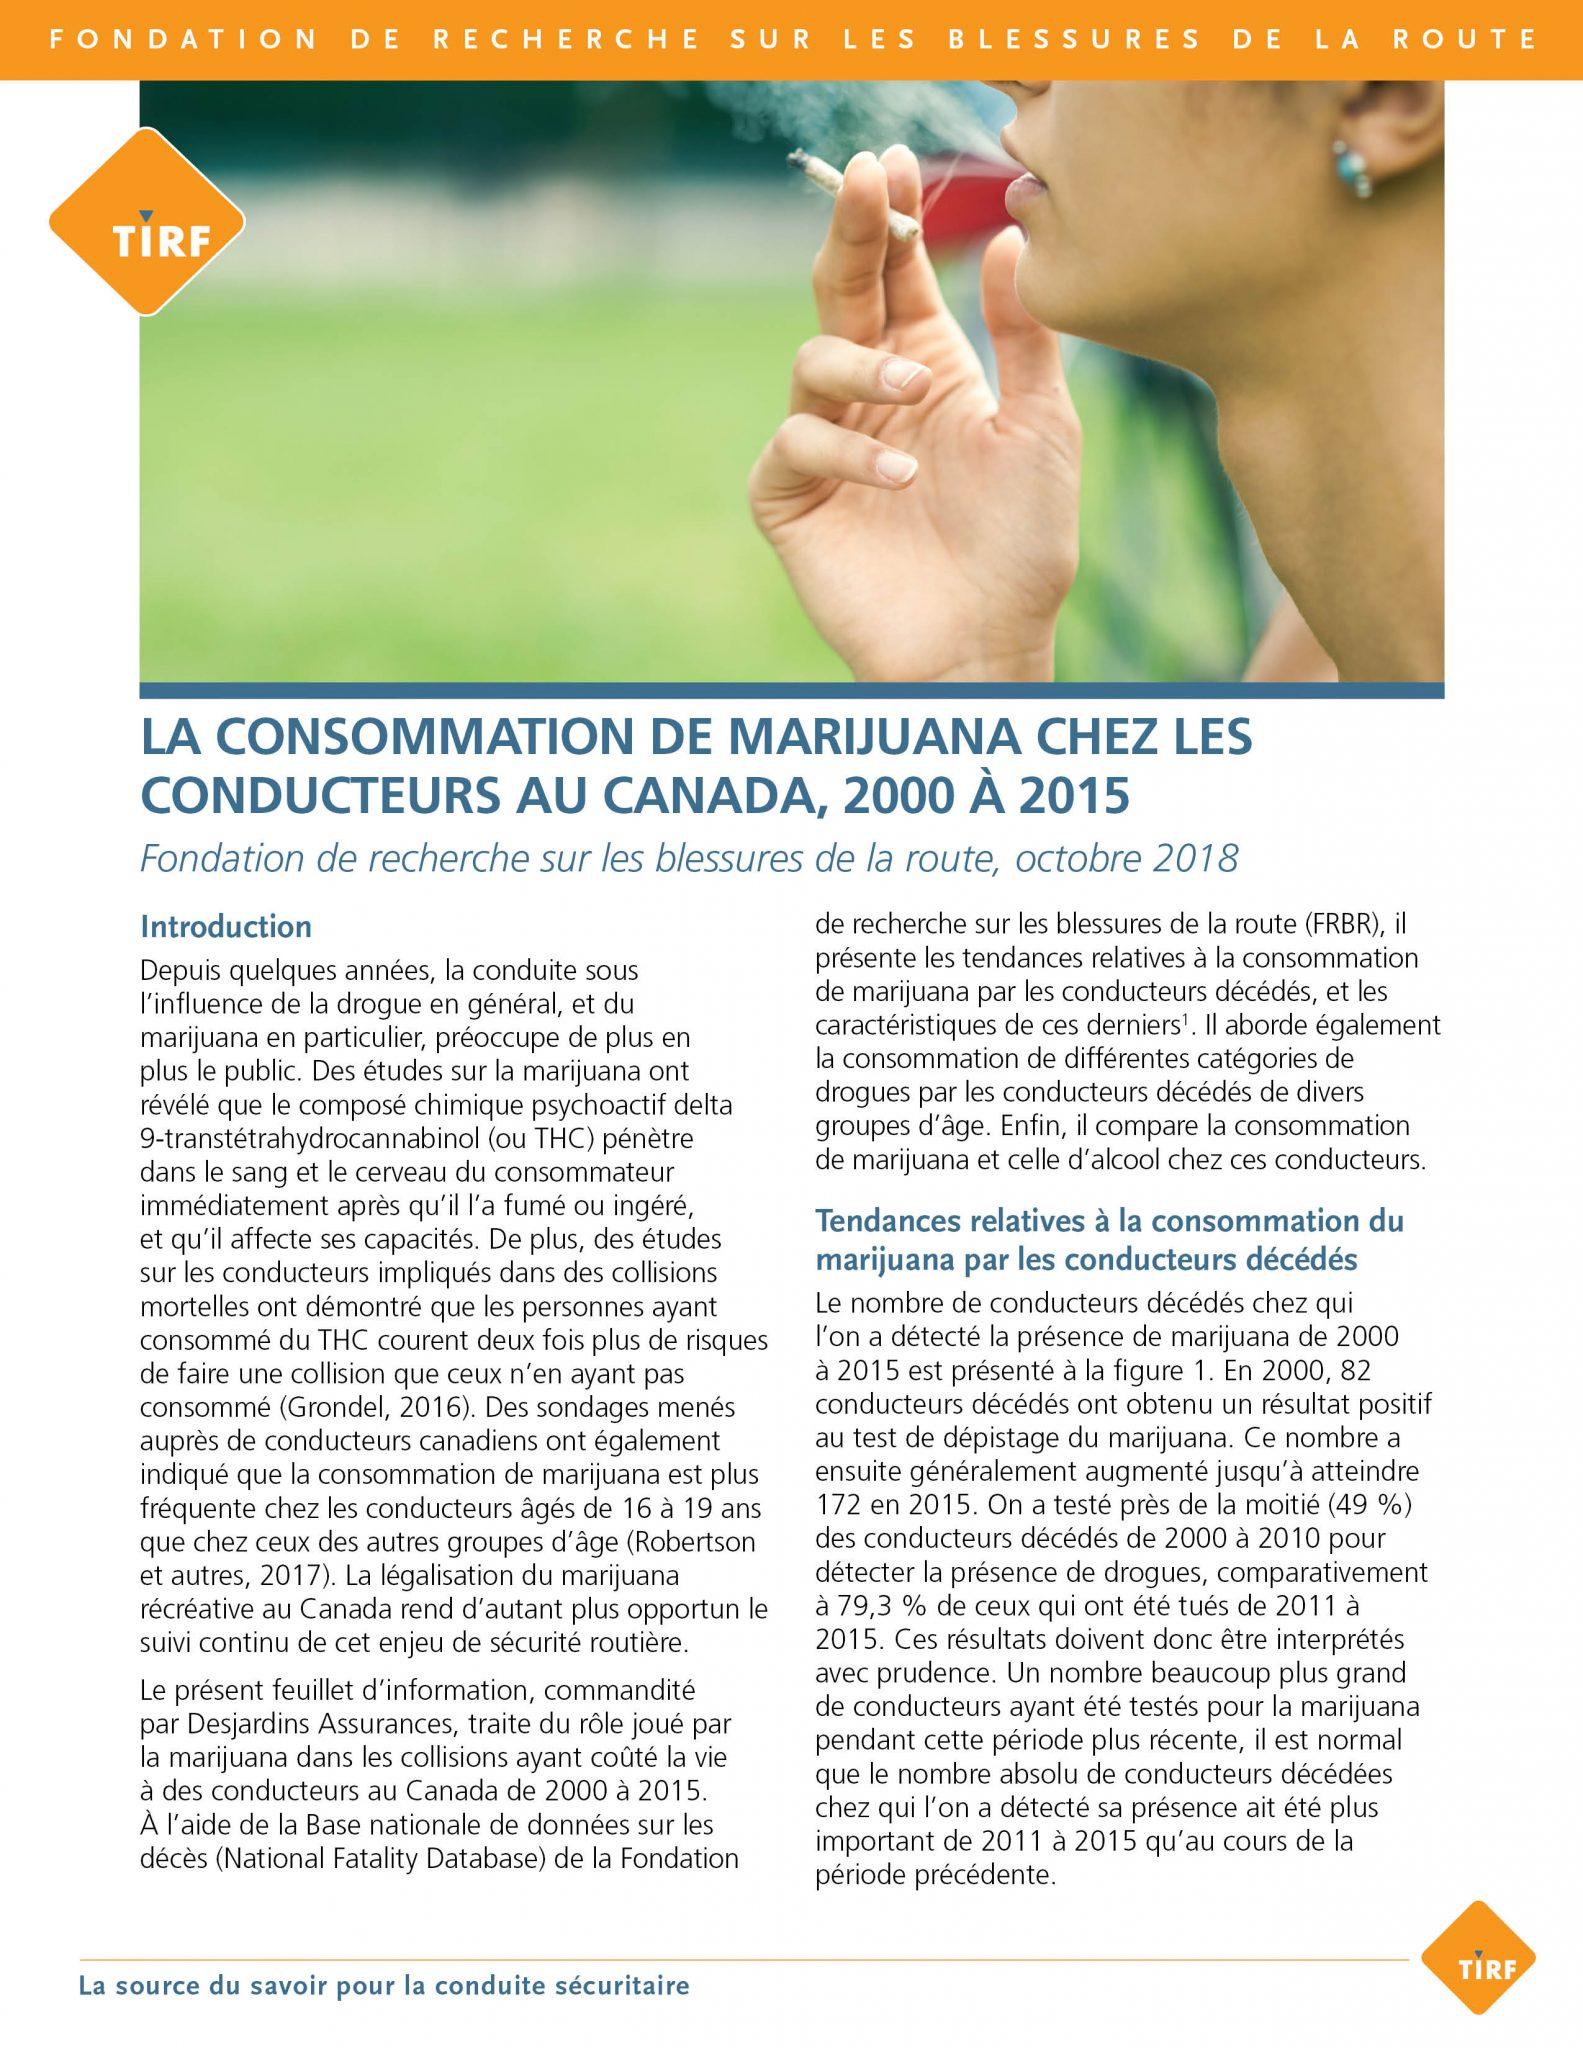 La consommation de marijuana chez les conducteurs au Canada, 2000 à 2015